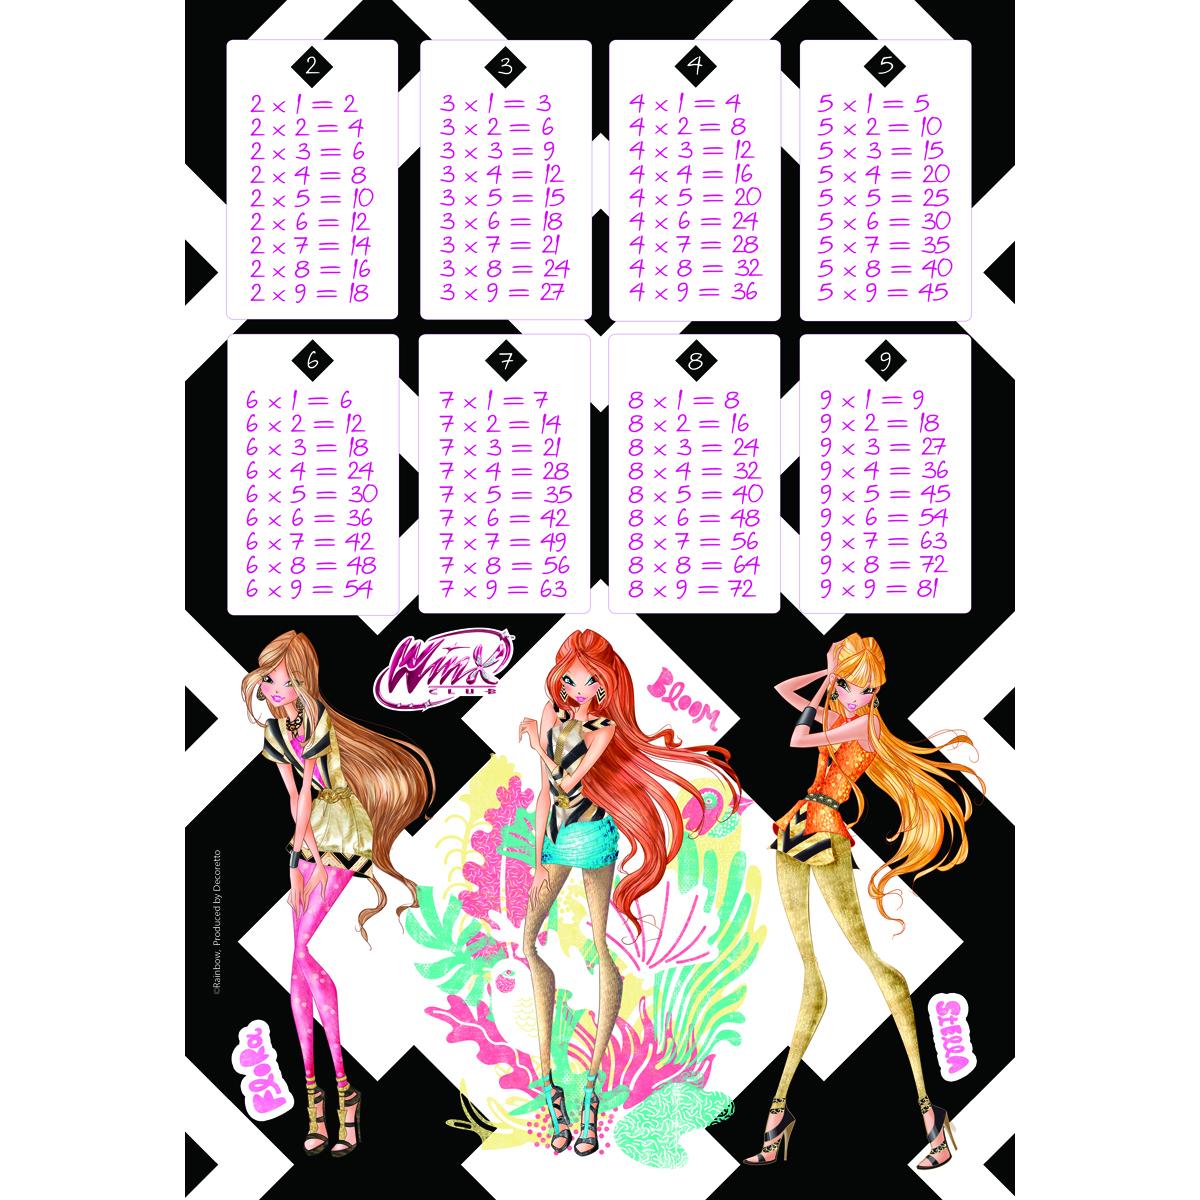 Decoretto Наклейка Таблица умножения Winx Fashion2010440Наклейка Decoretto Таблица умножения. Winx Fashion выполнена из винила и оформлена персонажами популярного мультсериала Клуб Винкс: Школа волшебниц. С ней процесс обучения ребенка таблице умножения пройдет намного веселее.Особенности наклейки: - cъемная и многоразовая (не оставляет следов);- водостойкая; - безопасна для окрашенных стен; - матовое исполнение; - нетоксичный, экологически чистый материал; - поставляется с инструкцией;- держится на поверхности не менее 3 лет.Подходит для следующих поверхностей: дерево, плитка, металл, стекло, обои, пластик.